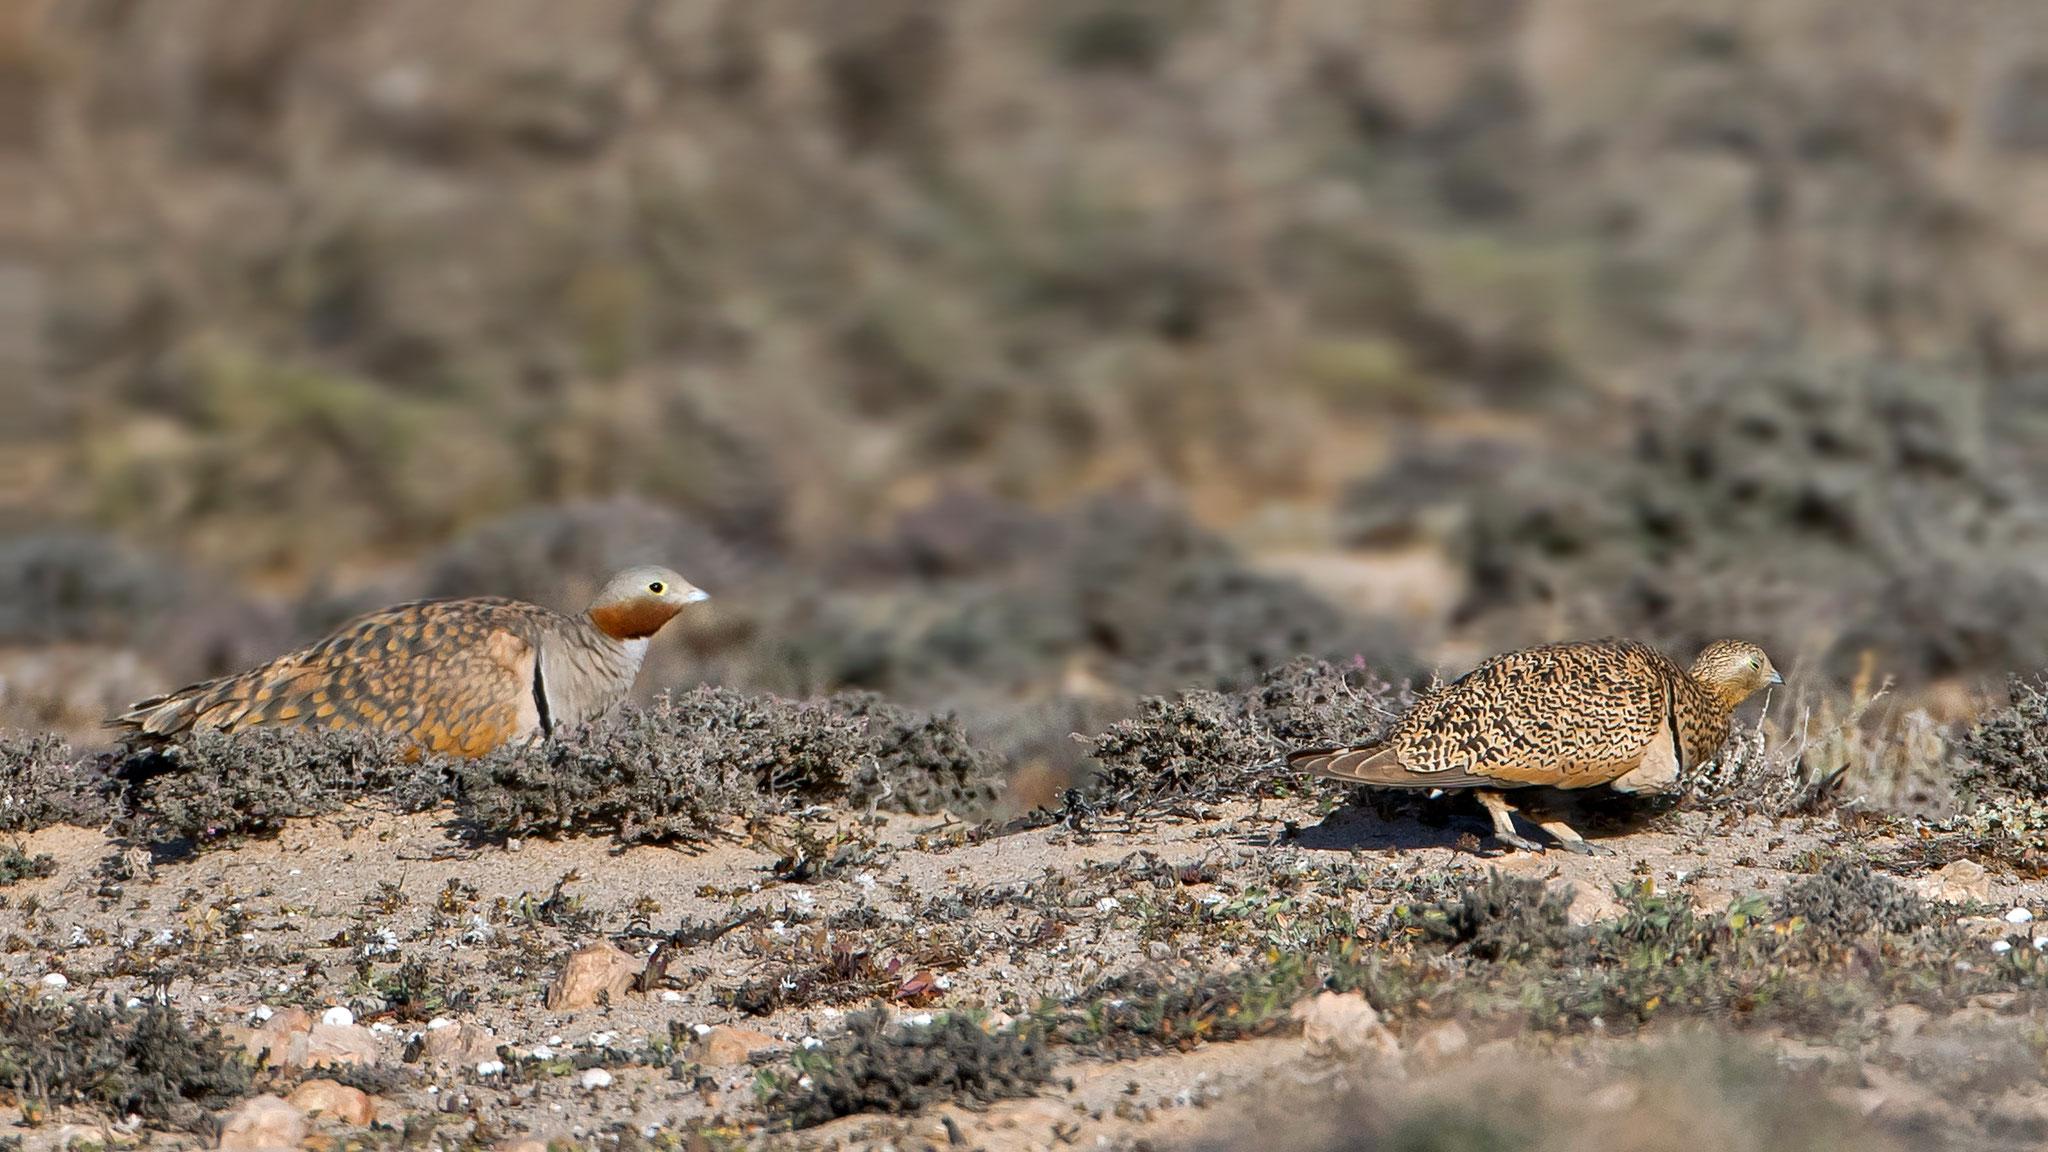 ... andere Vögel wie die Sandflughühner reagieren empfindlicher ...